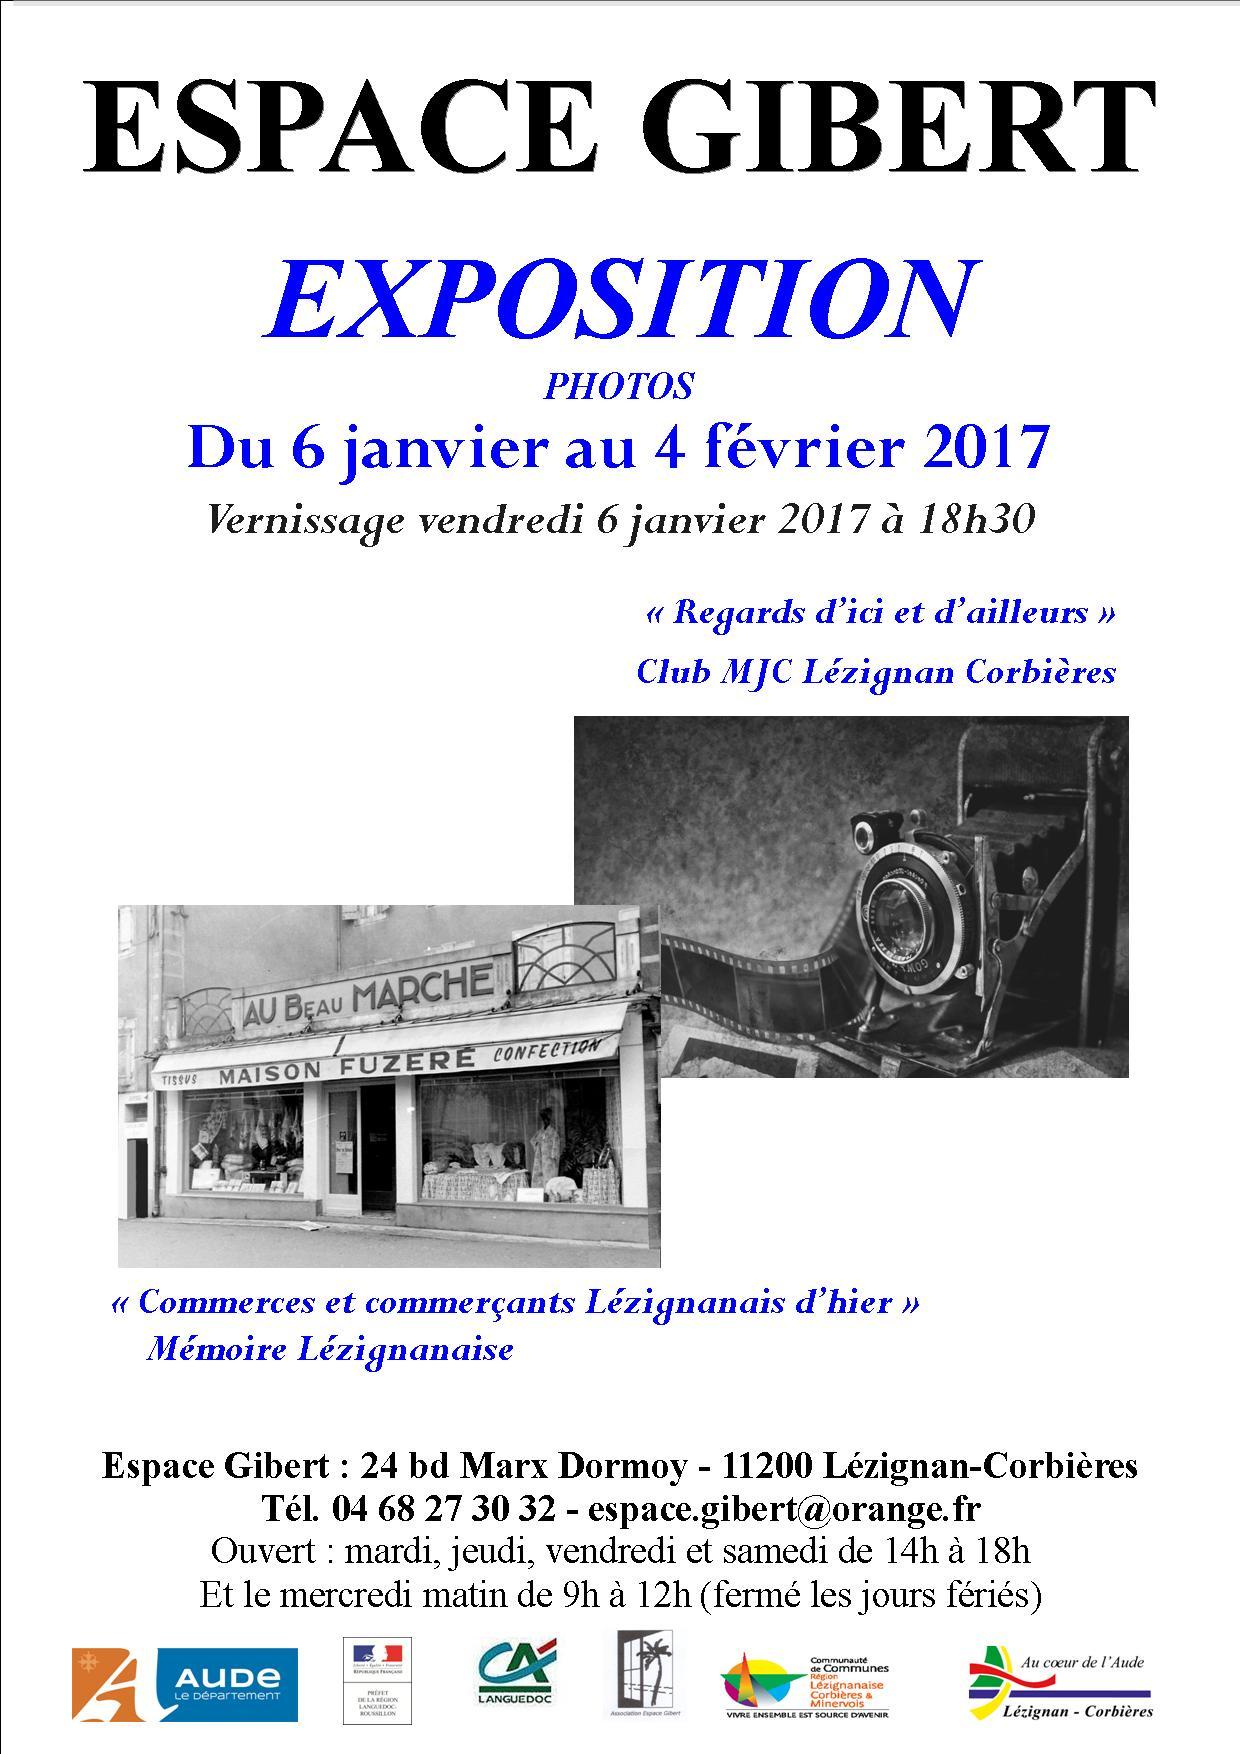 Le club photo de la MJC et la Mémoire Lézignanaise exposent à la Maison Gibert